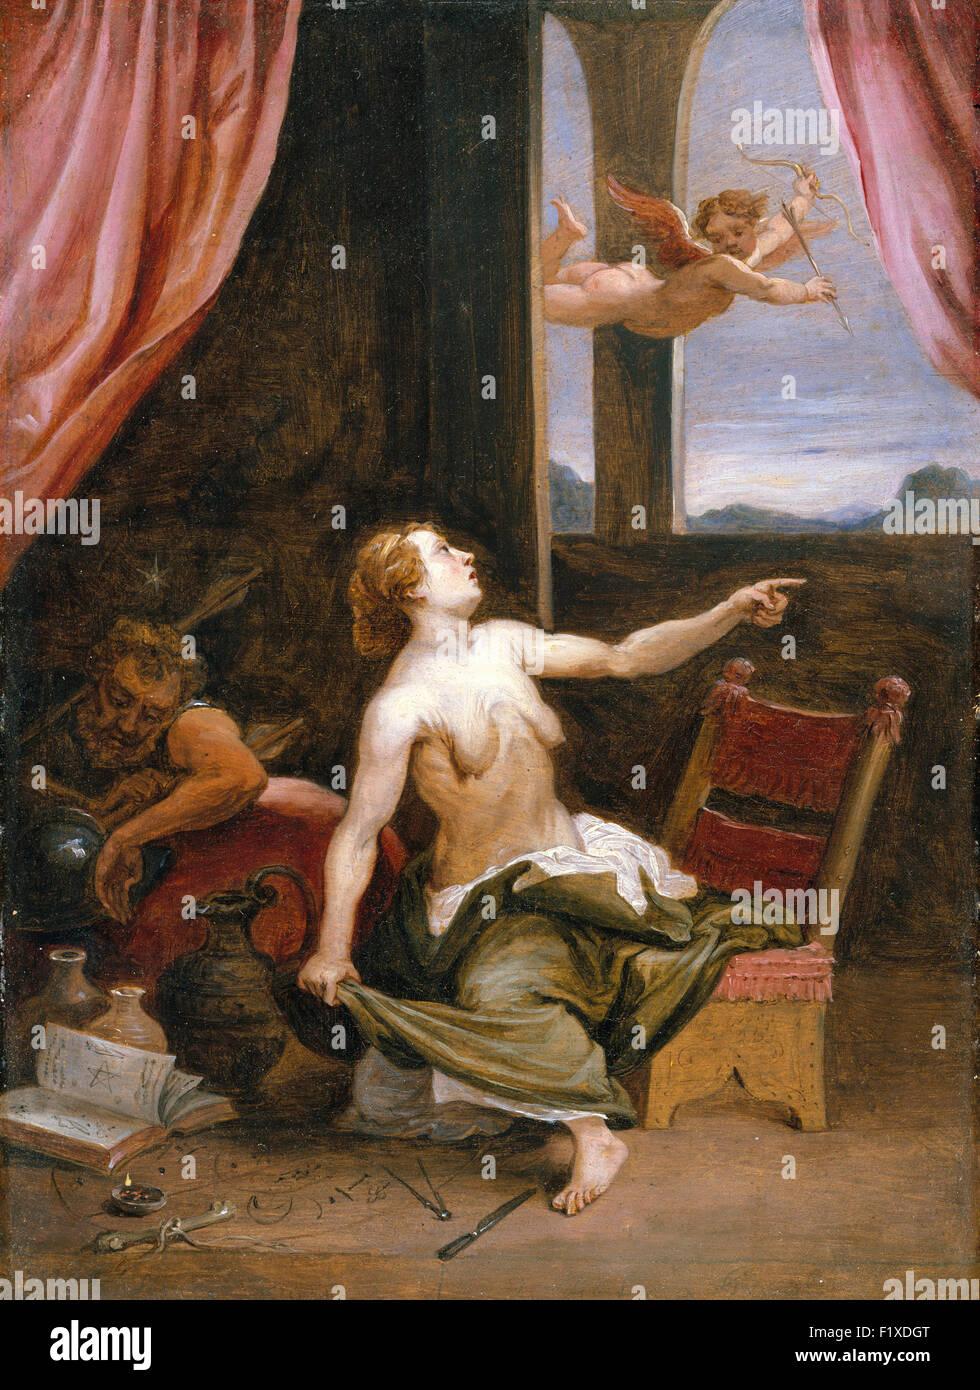 David Teniers der jüngere - Alter auf der Suche nach Jugend Stockbild